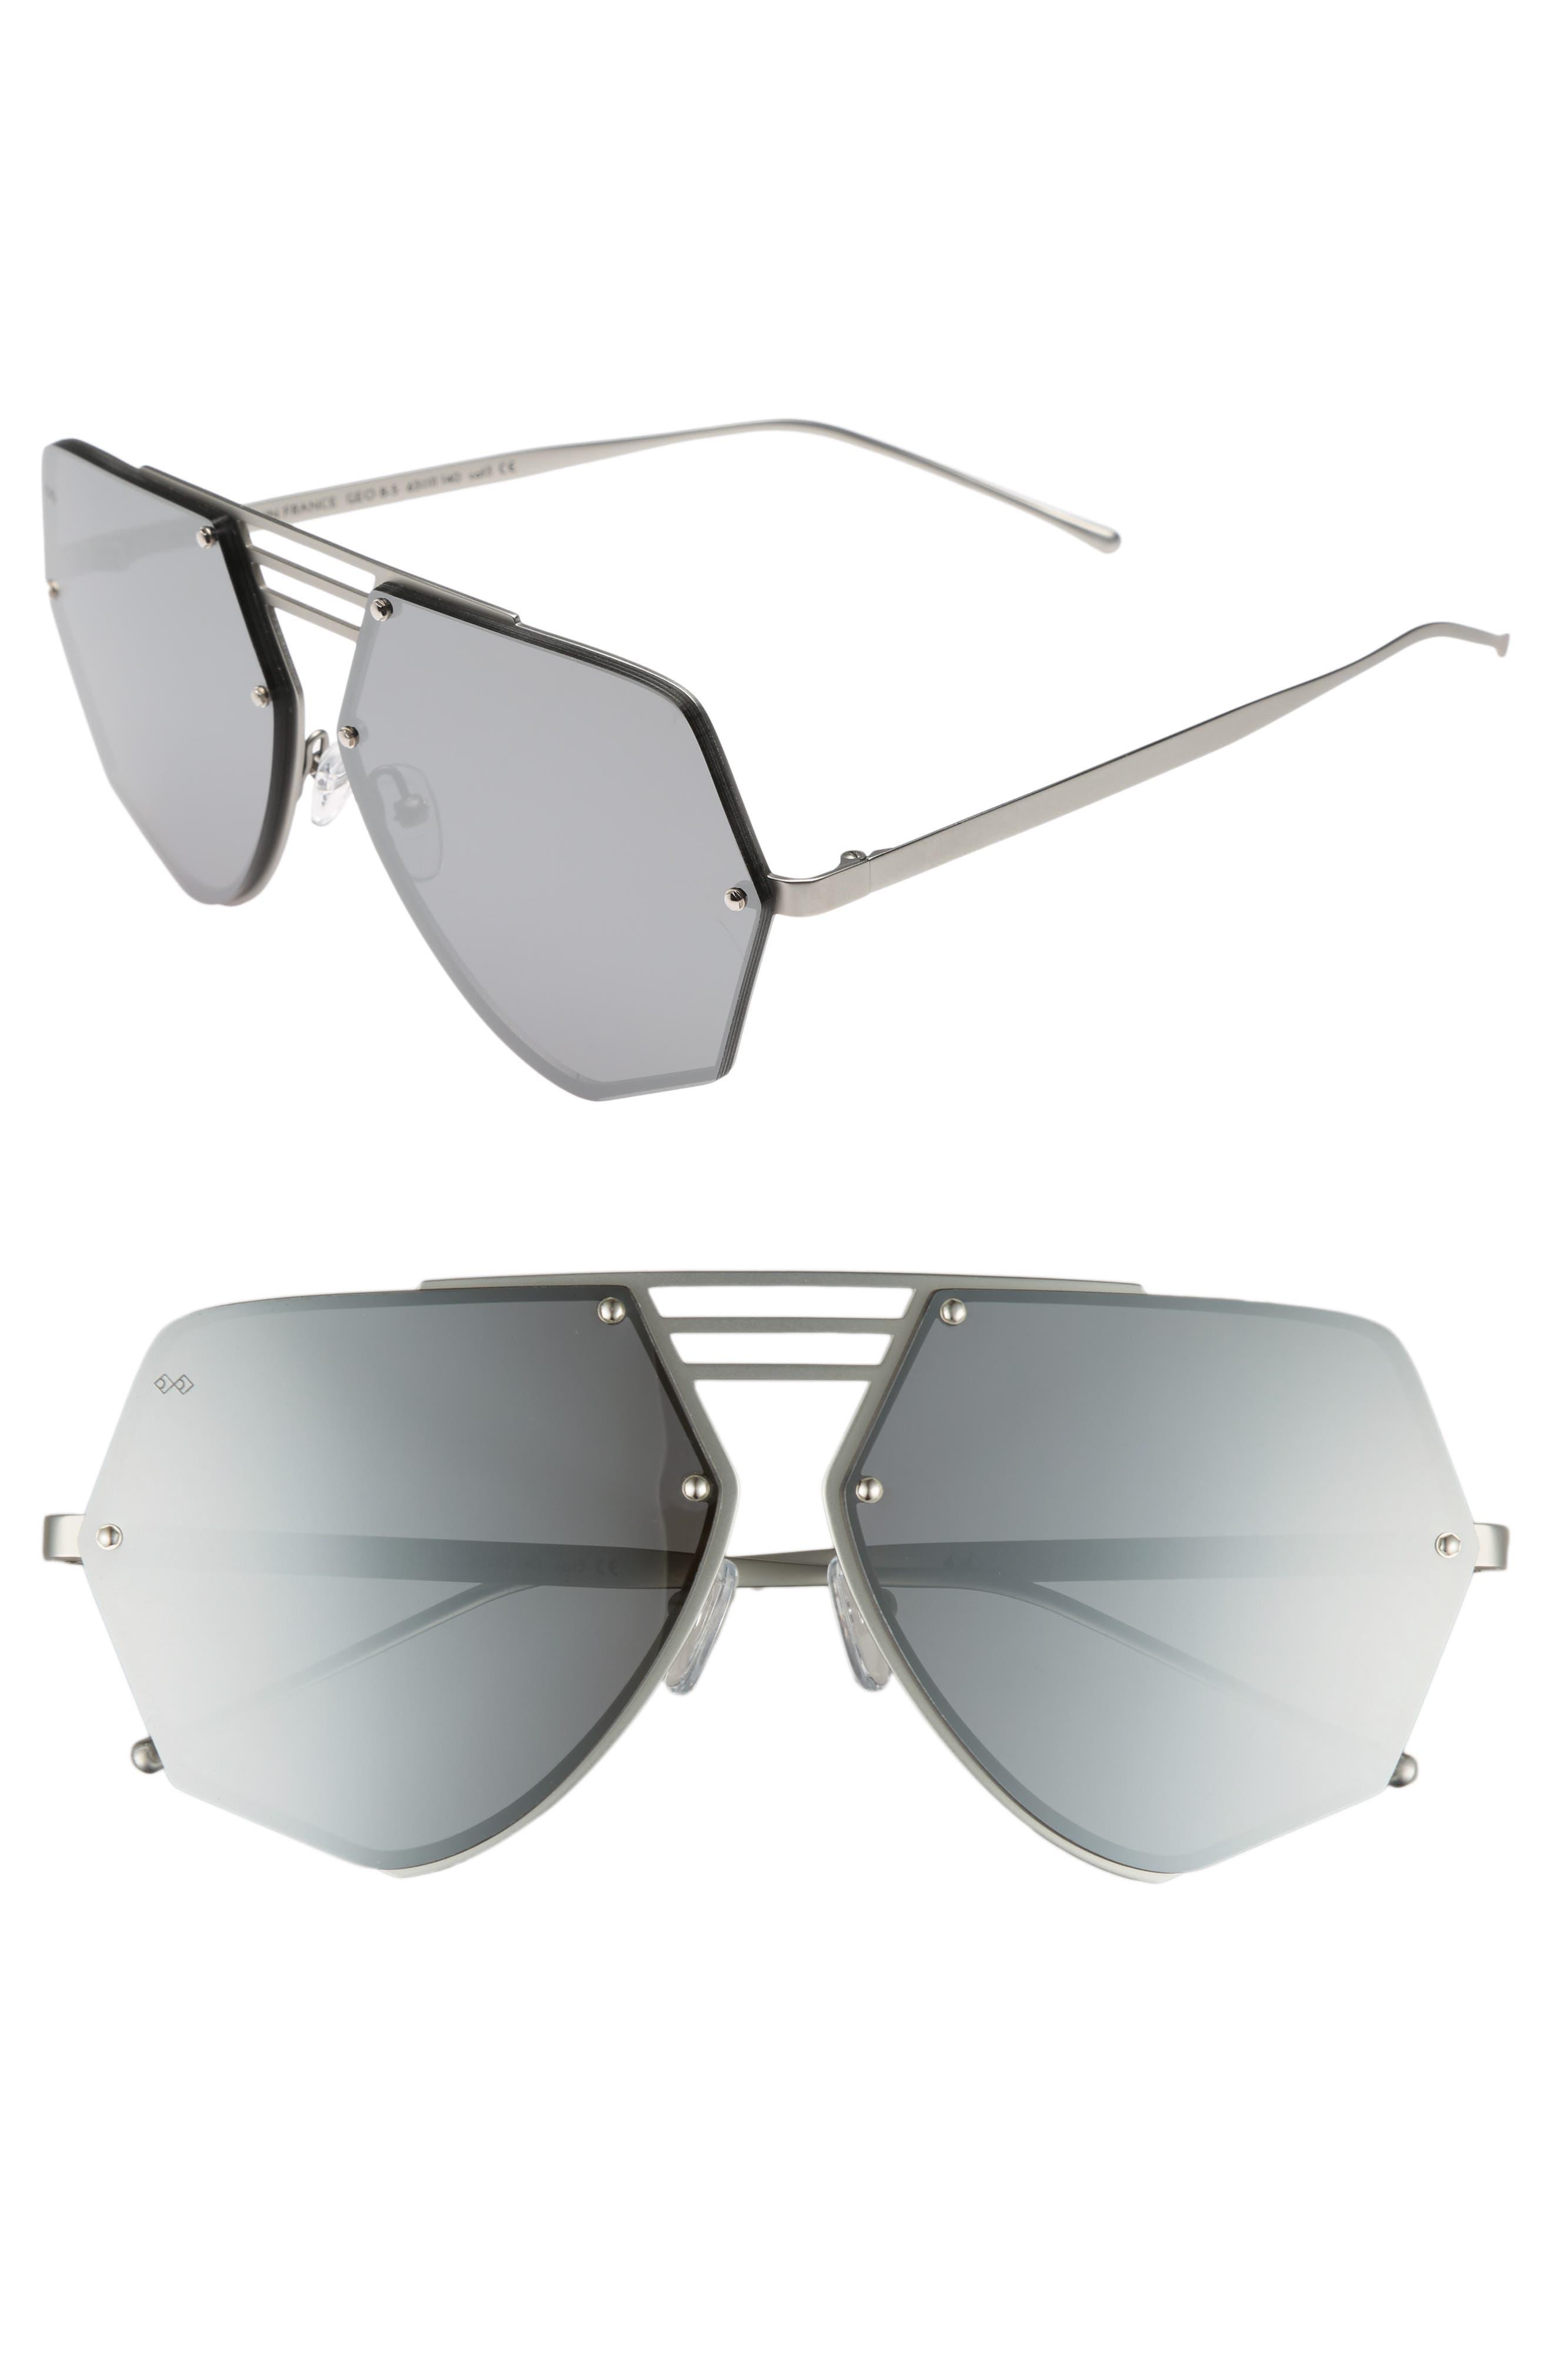 Main Image - Smoke x Mirrors Geo VIII 63mm Sunglasses